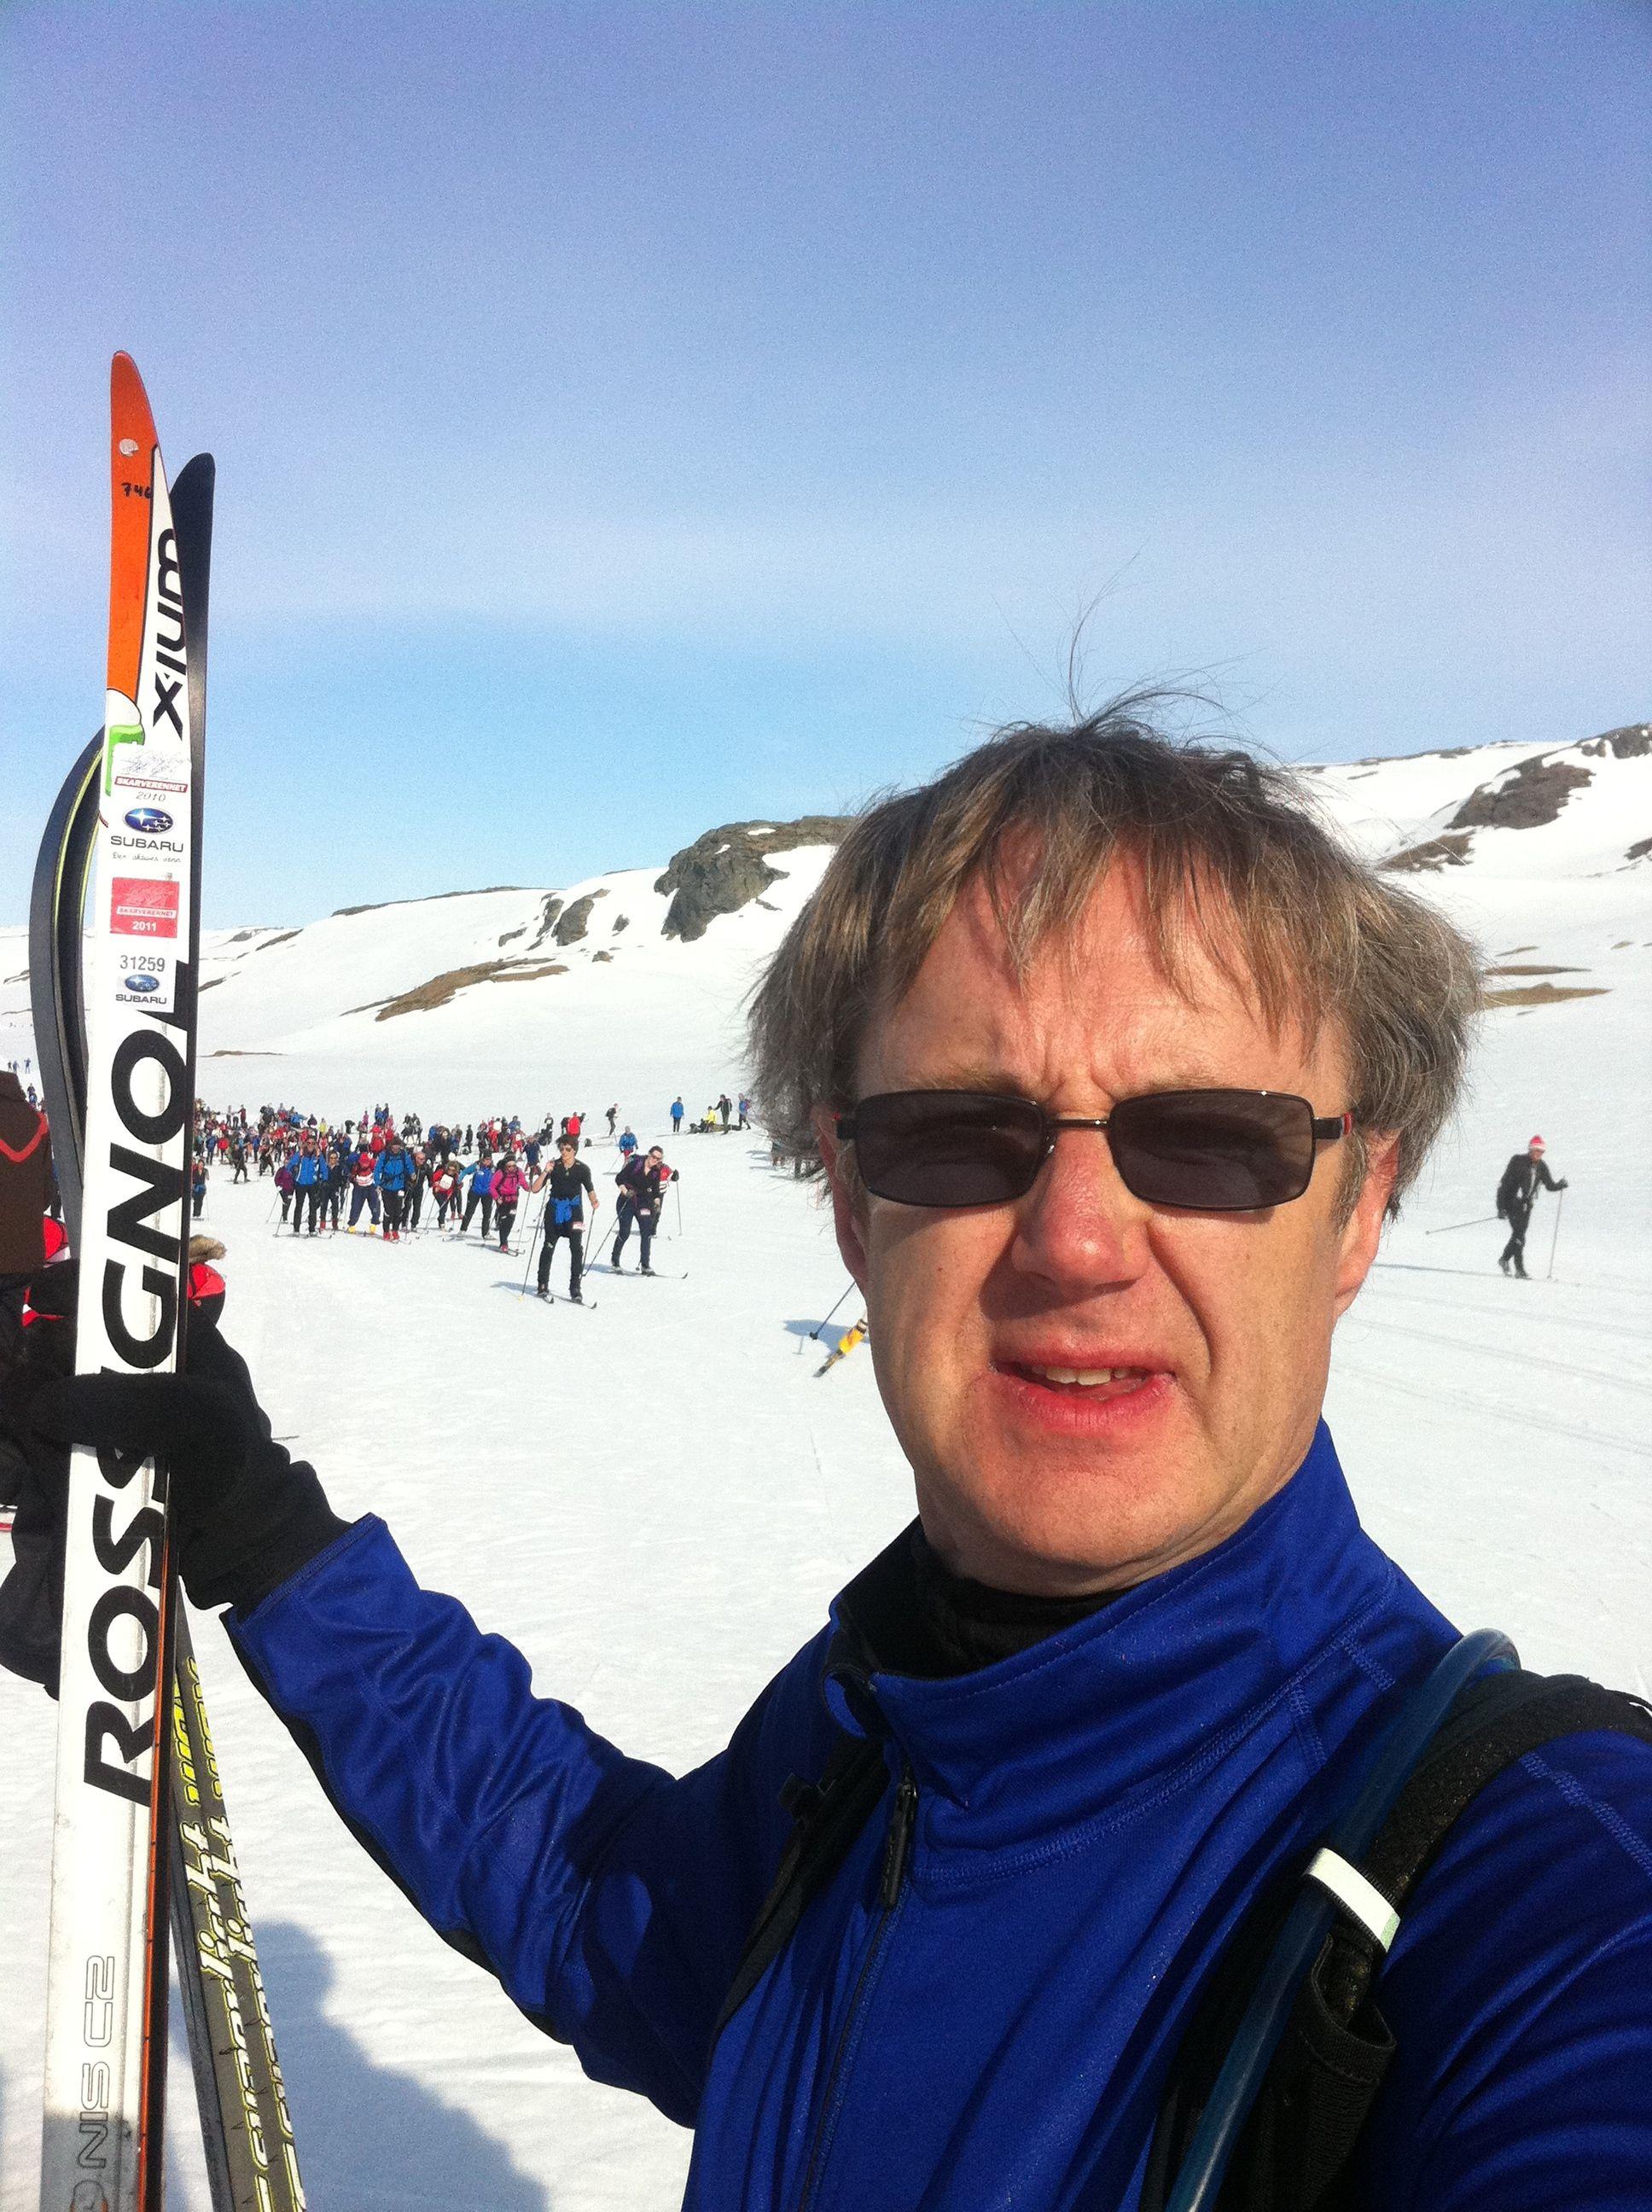 Dekningsdirektøren går selv Skarverennet for å teste dekningen. (Foto: Bjørn Amundsen)